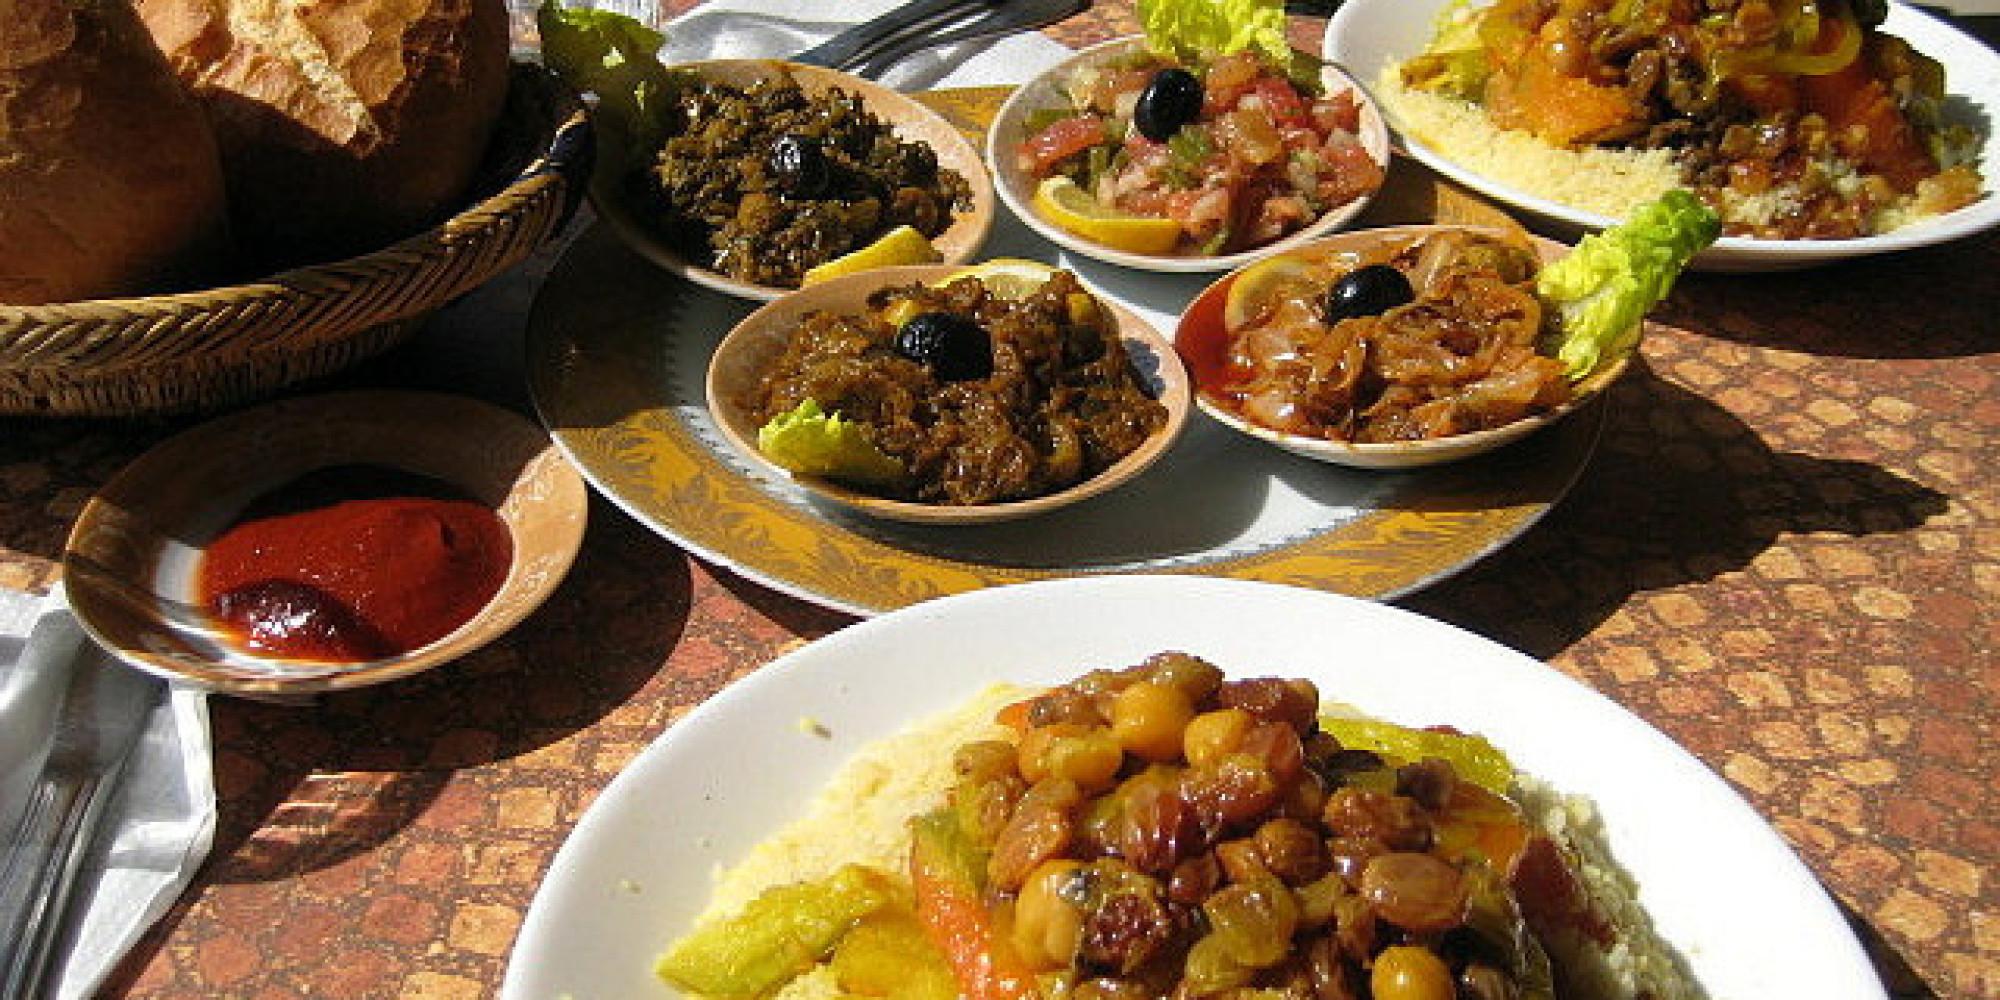 Les 10 excuses sortir pour viter un repas de famille for Idee repas convivial en famille